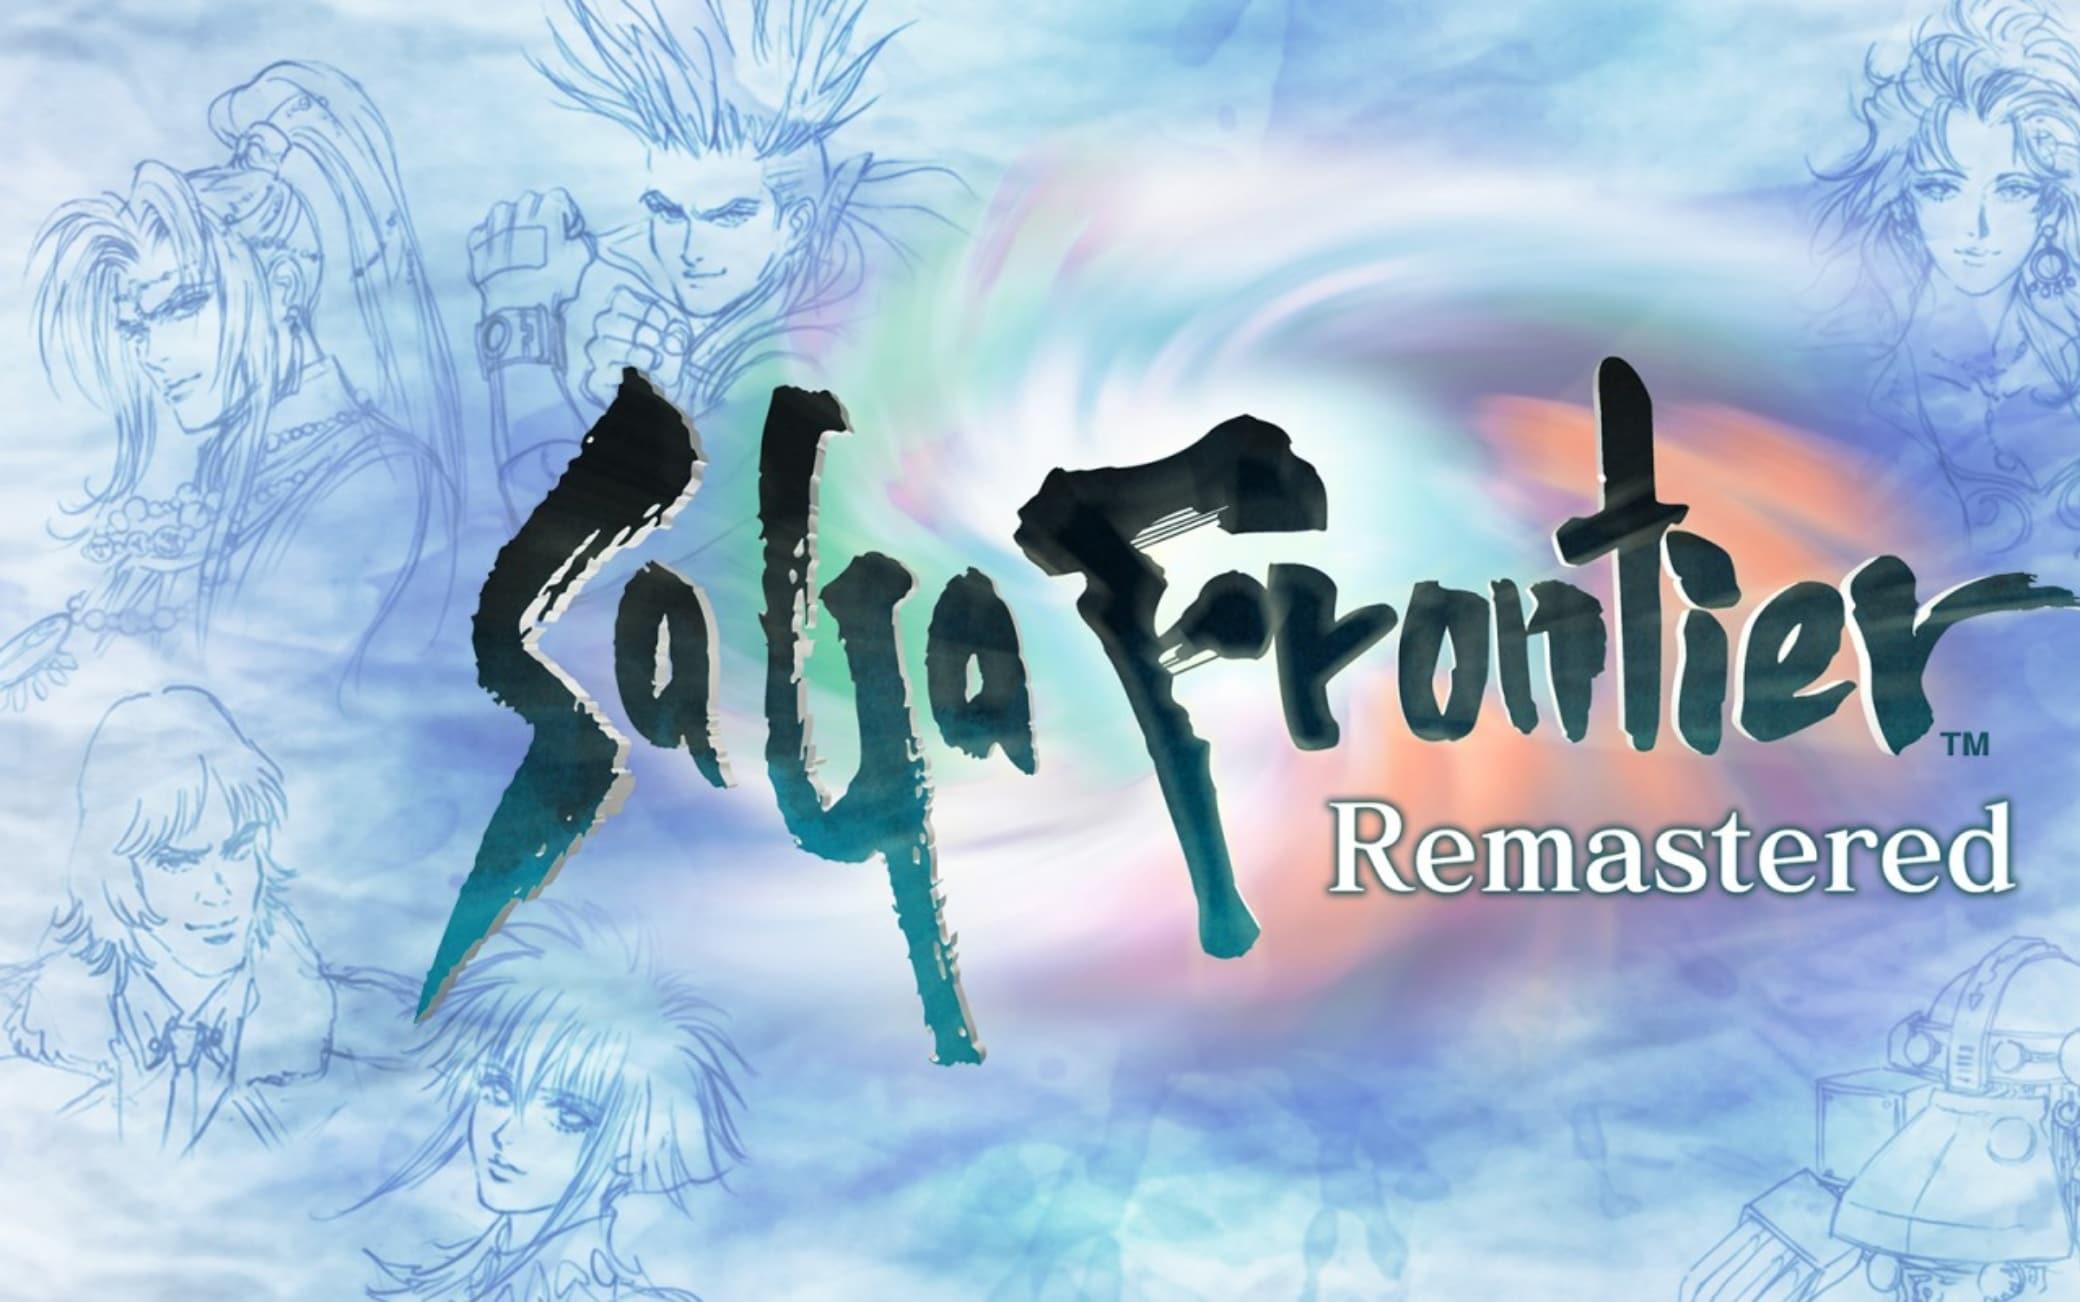 Videogiochi aprile 2021 Saga Frontiered